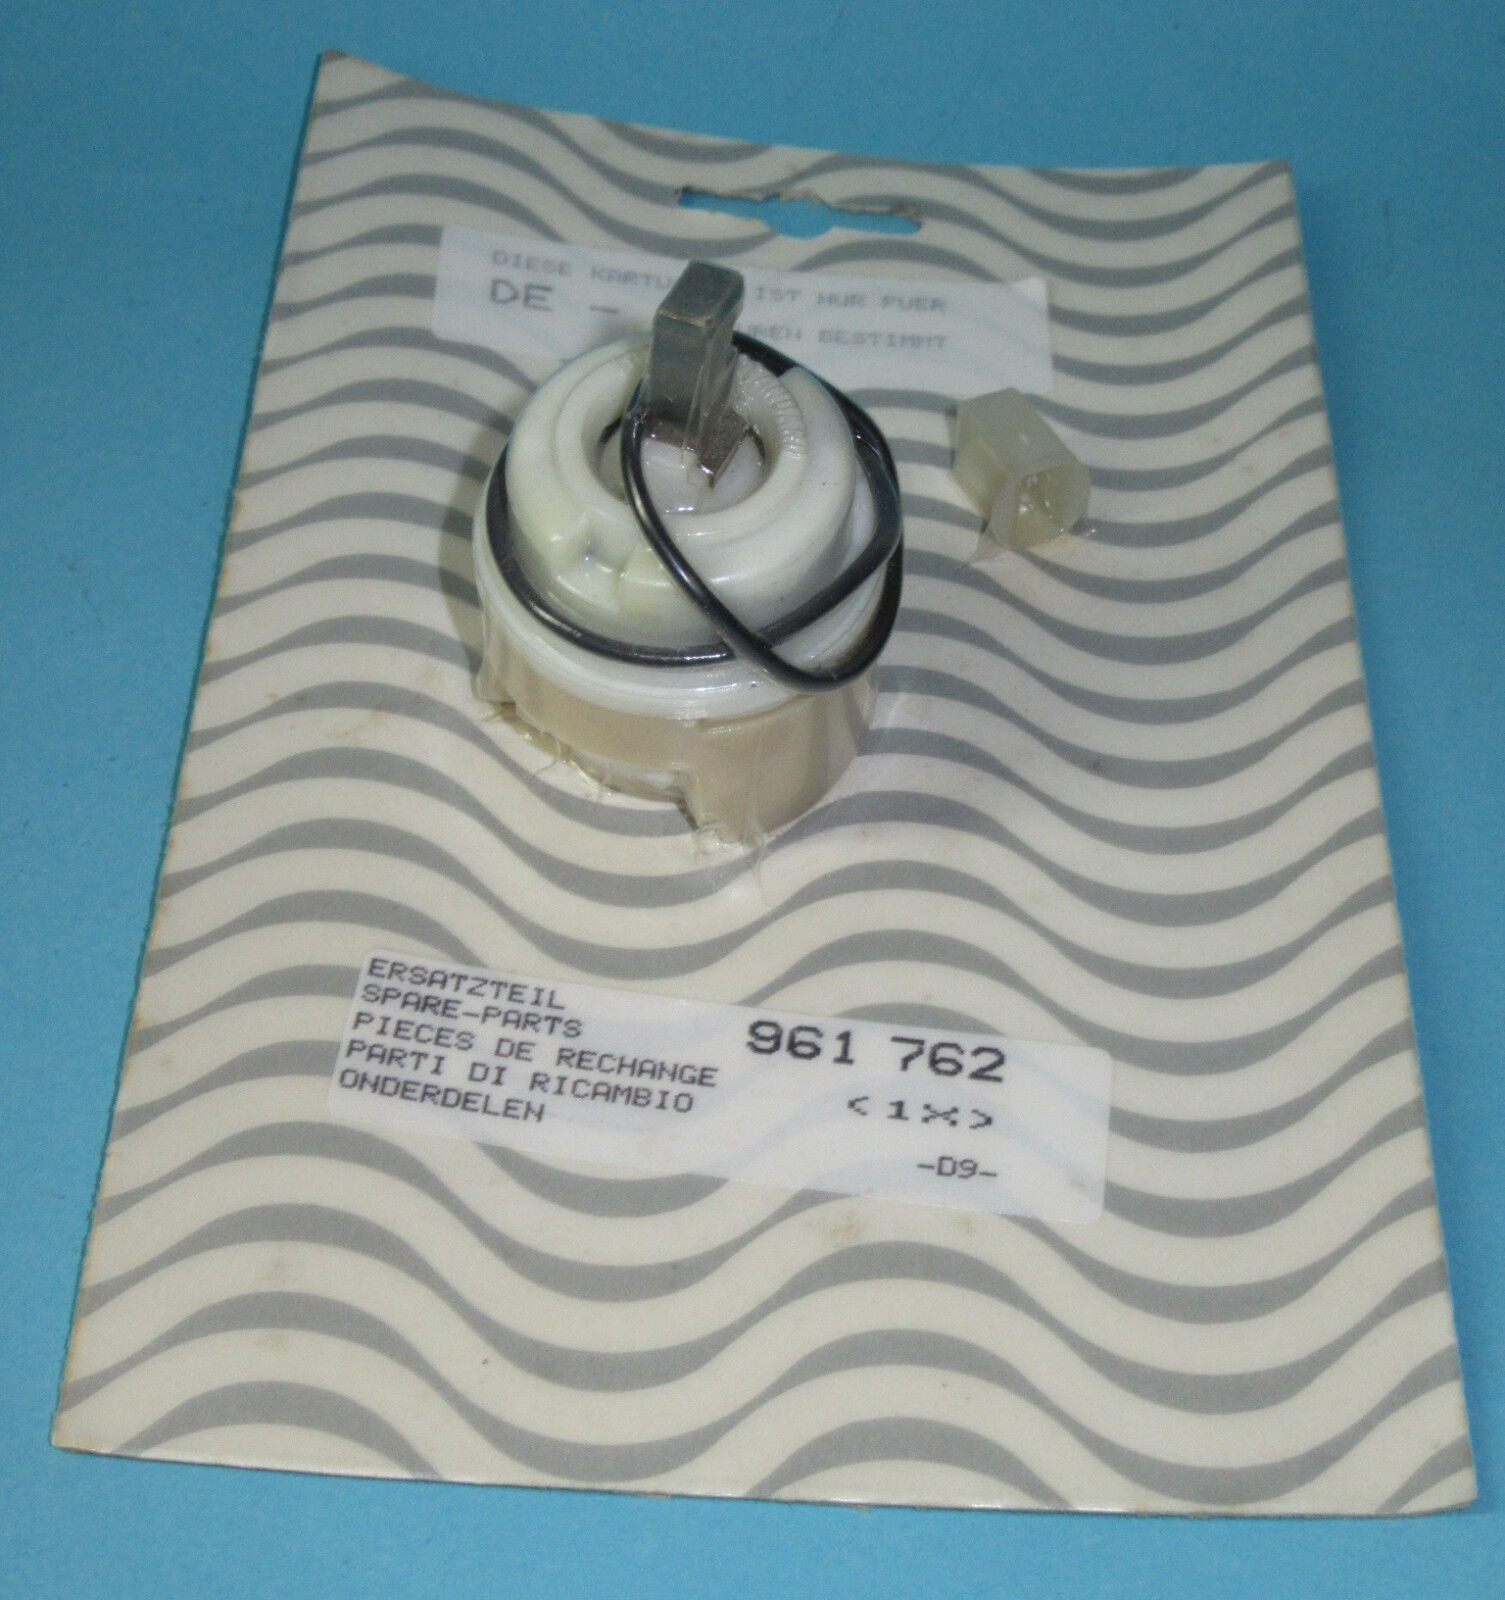 A961762NU Ideal Standard KARTUSCHE 40-3S  DE